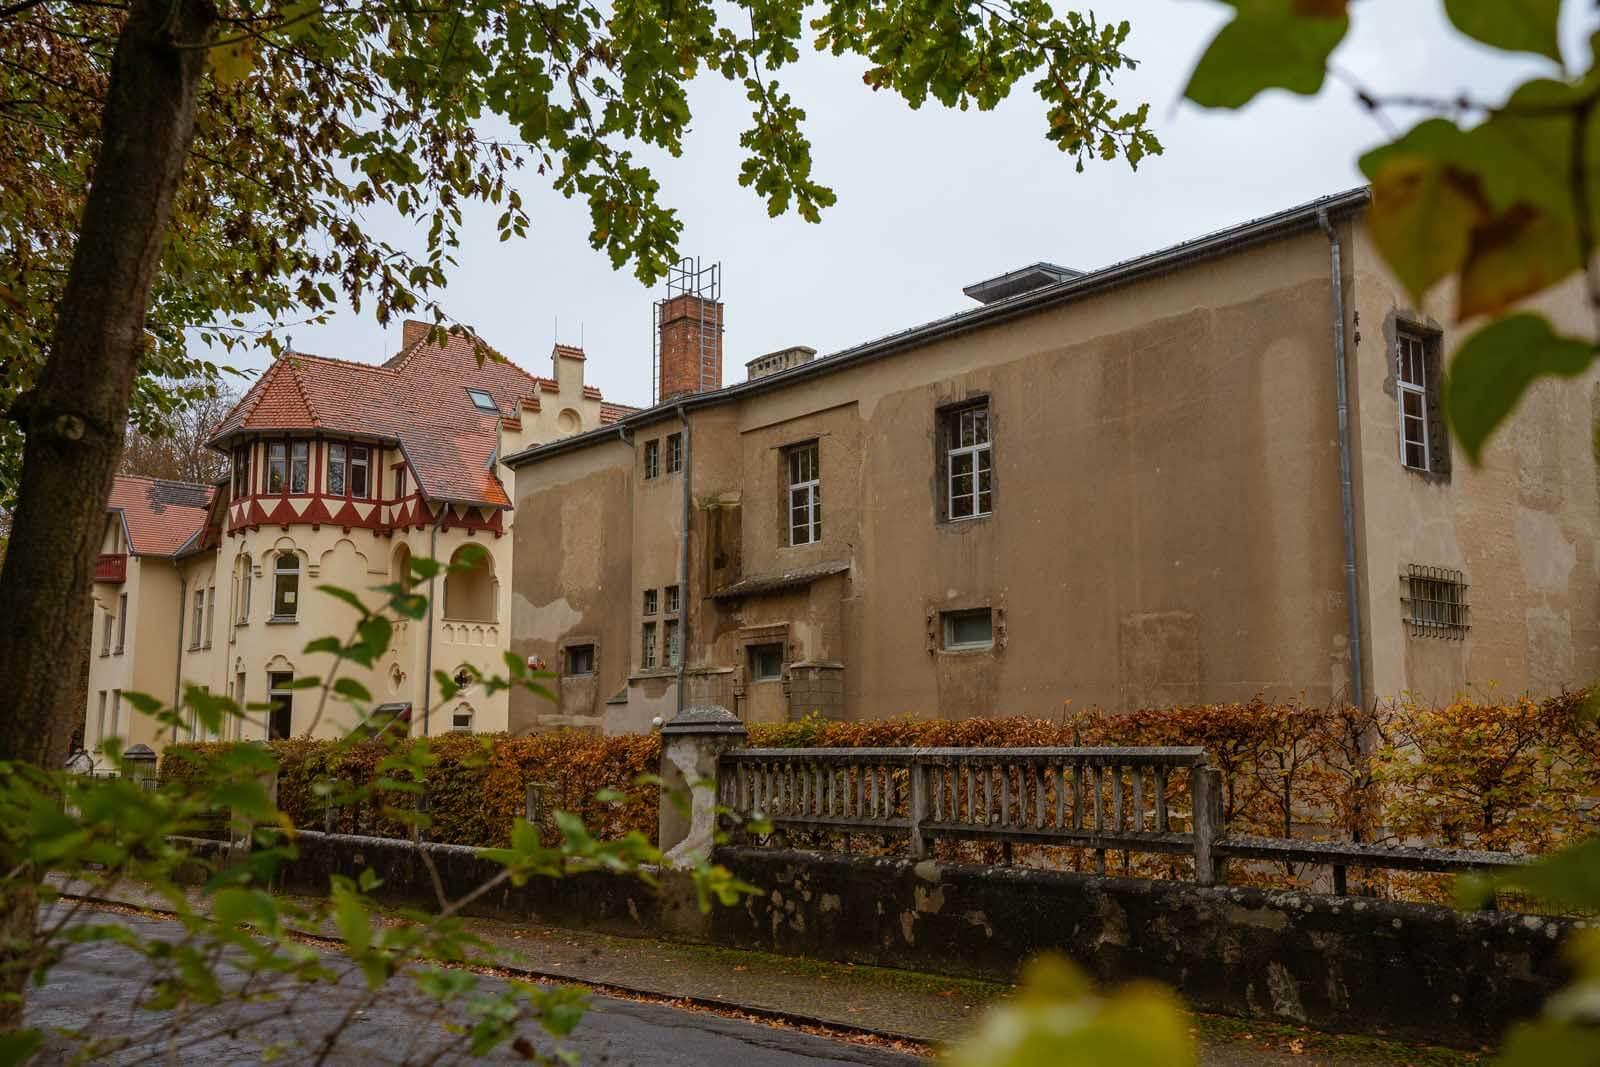 KGB Prison Complex in Potsdam Germany